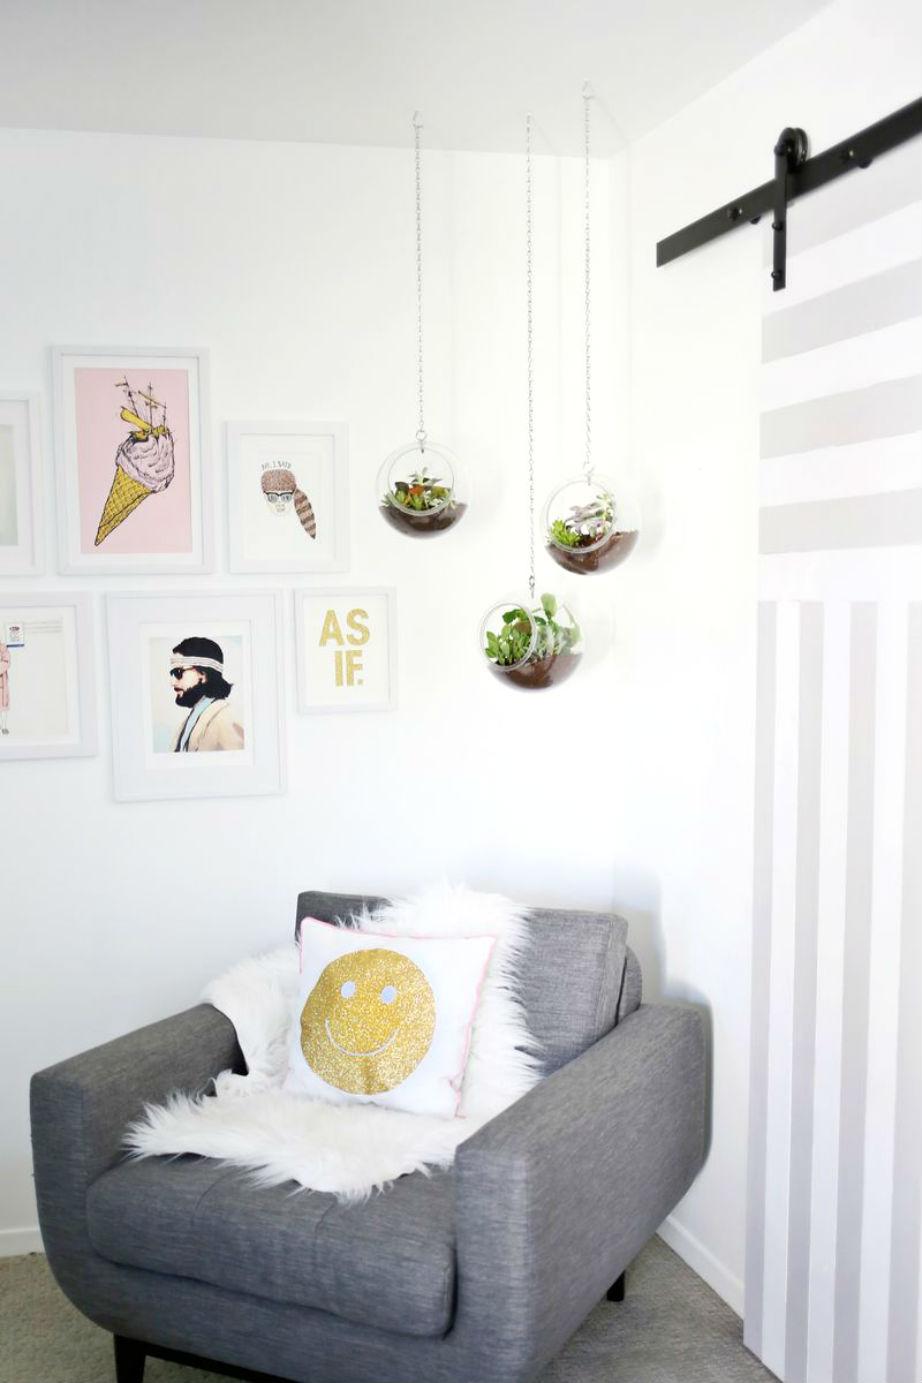 Οι κρεμαστές γλάστρες έρχονται από τους δρόμους στο σαλόνι σας!